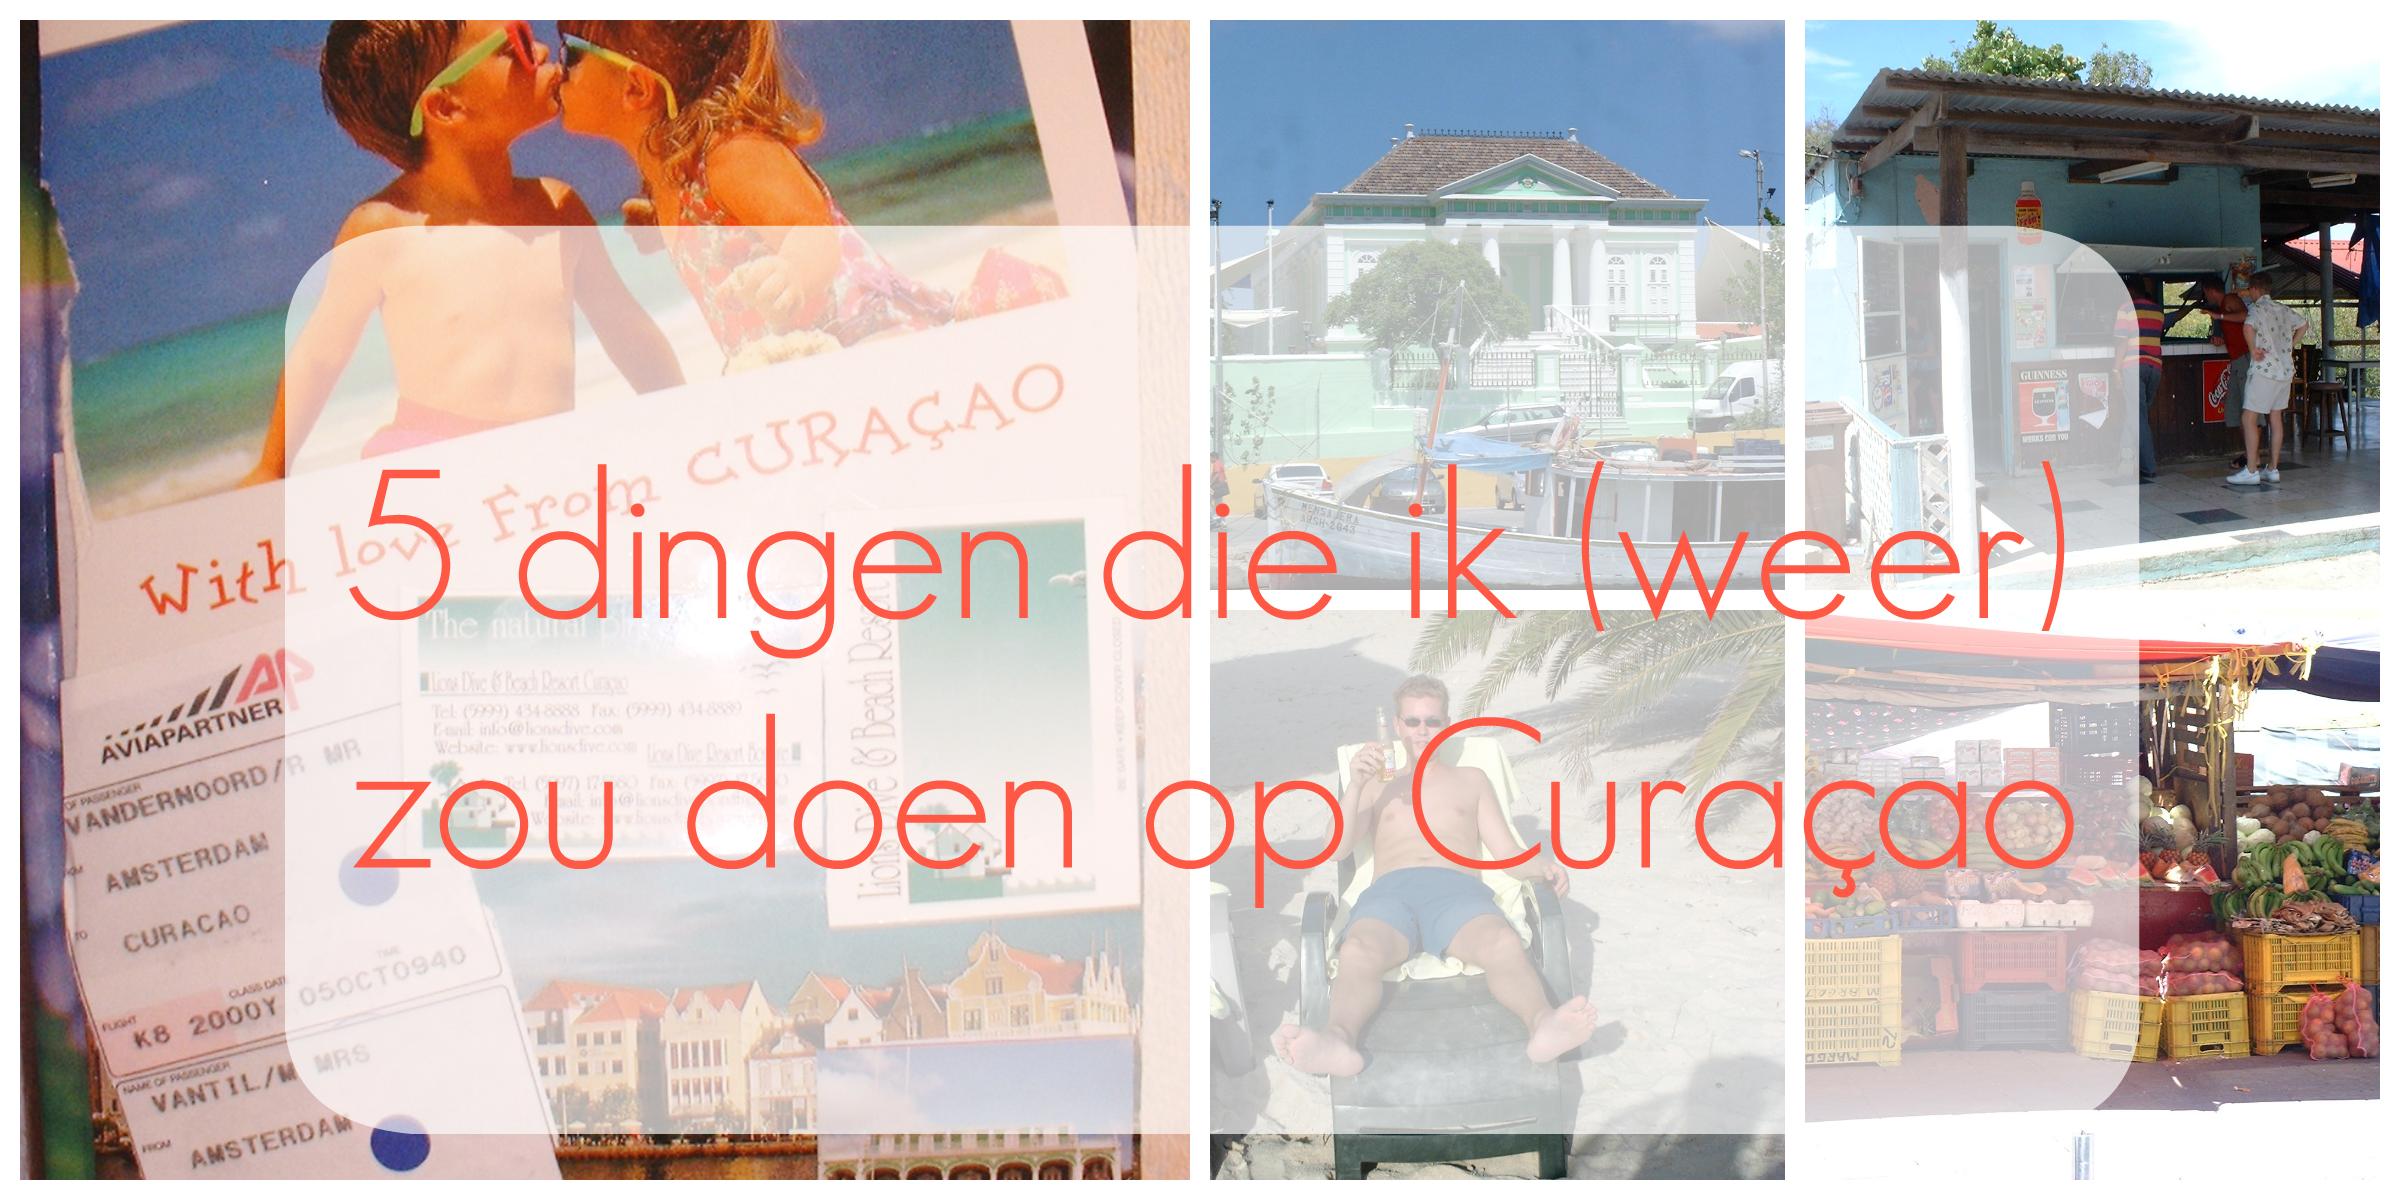 5 dingen die ik (weer) zou doen op Curaçao